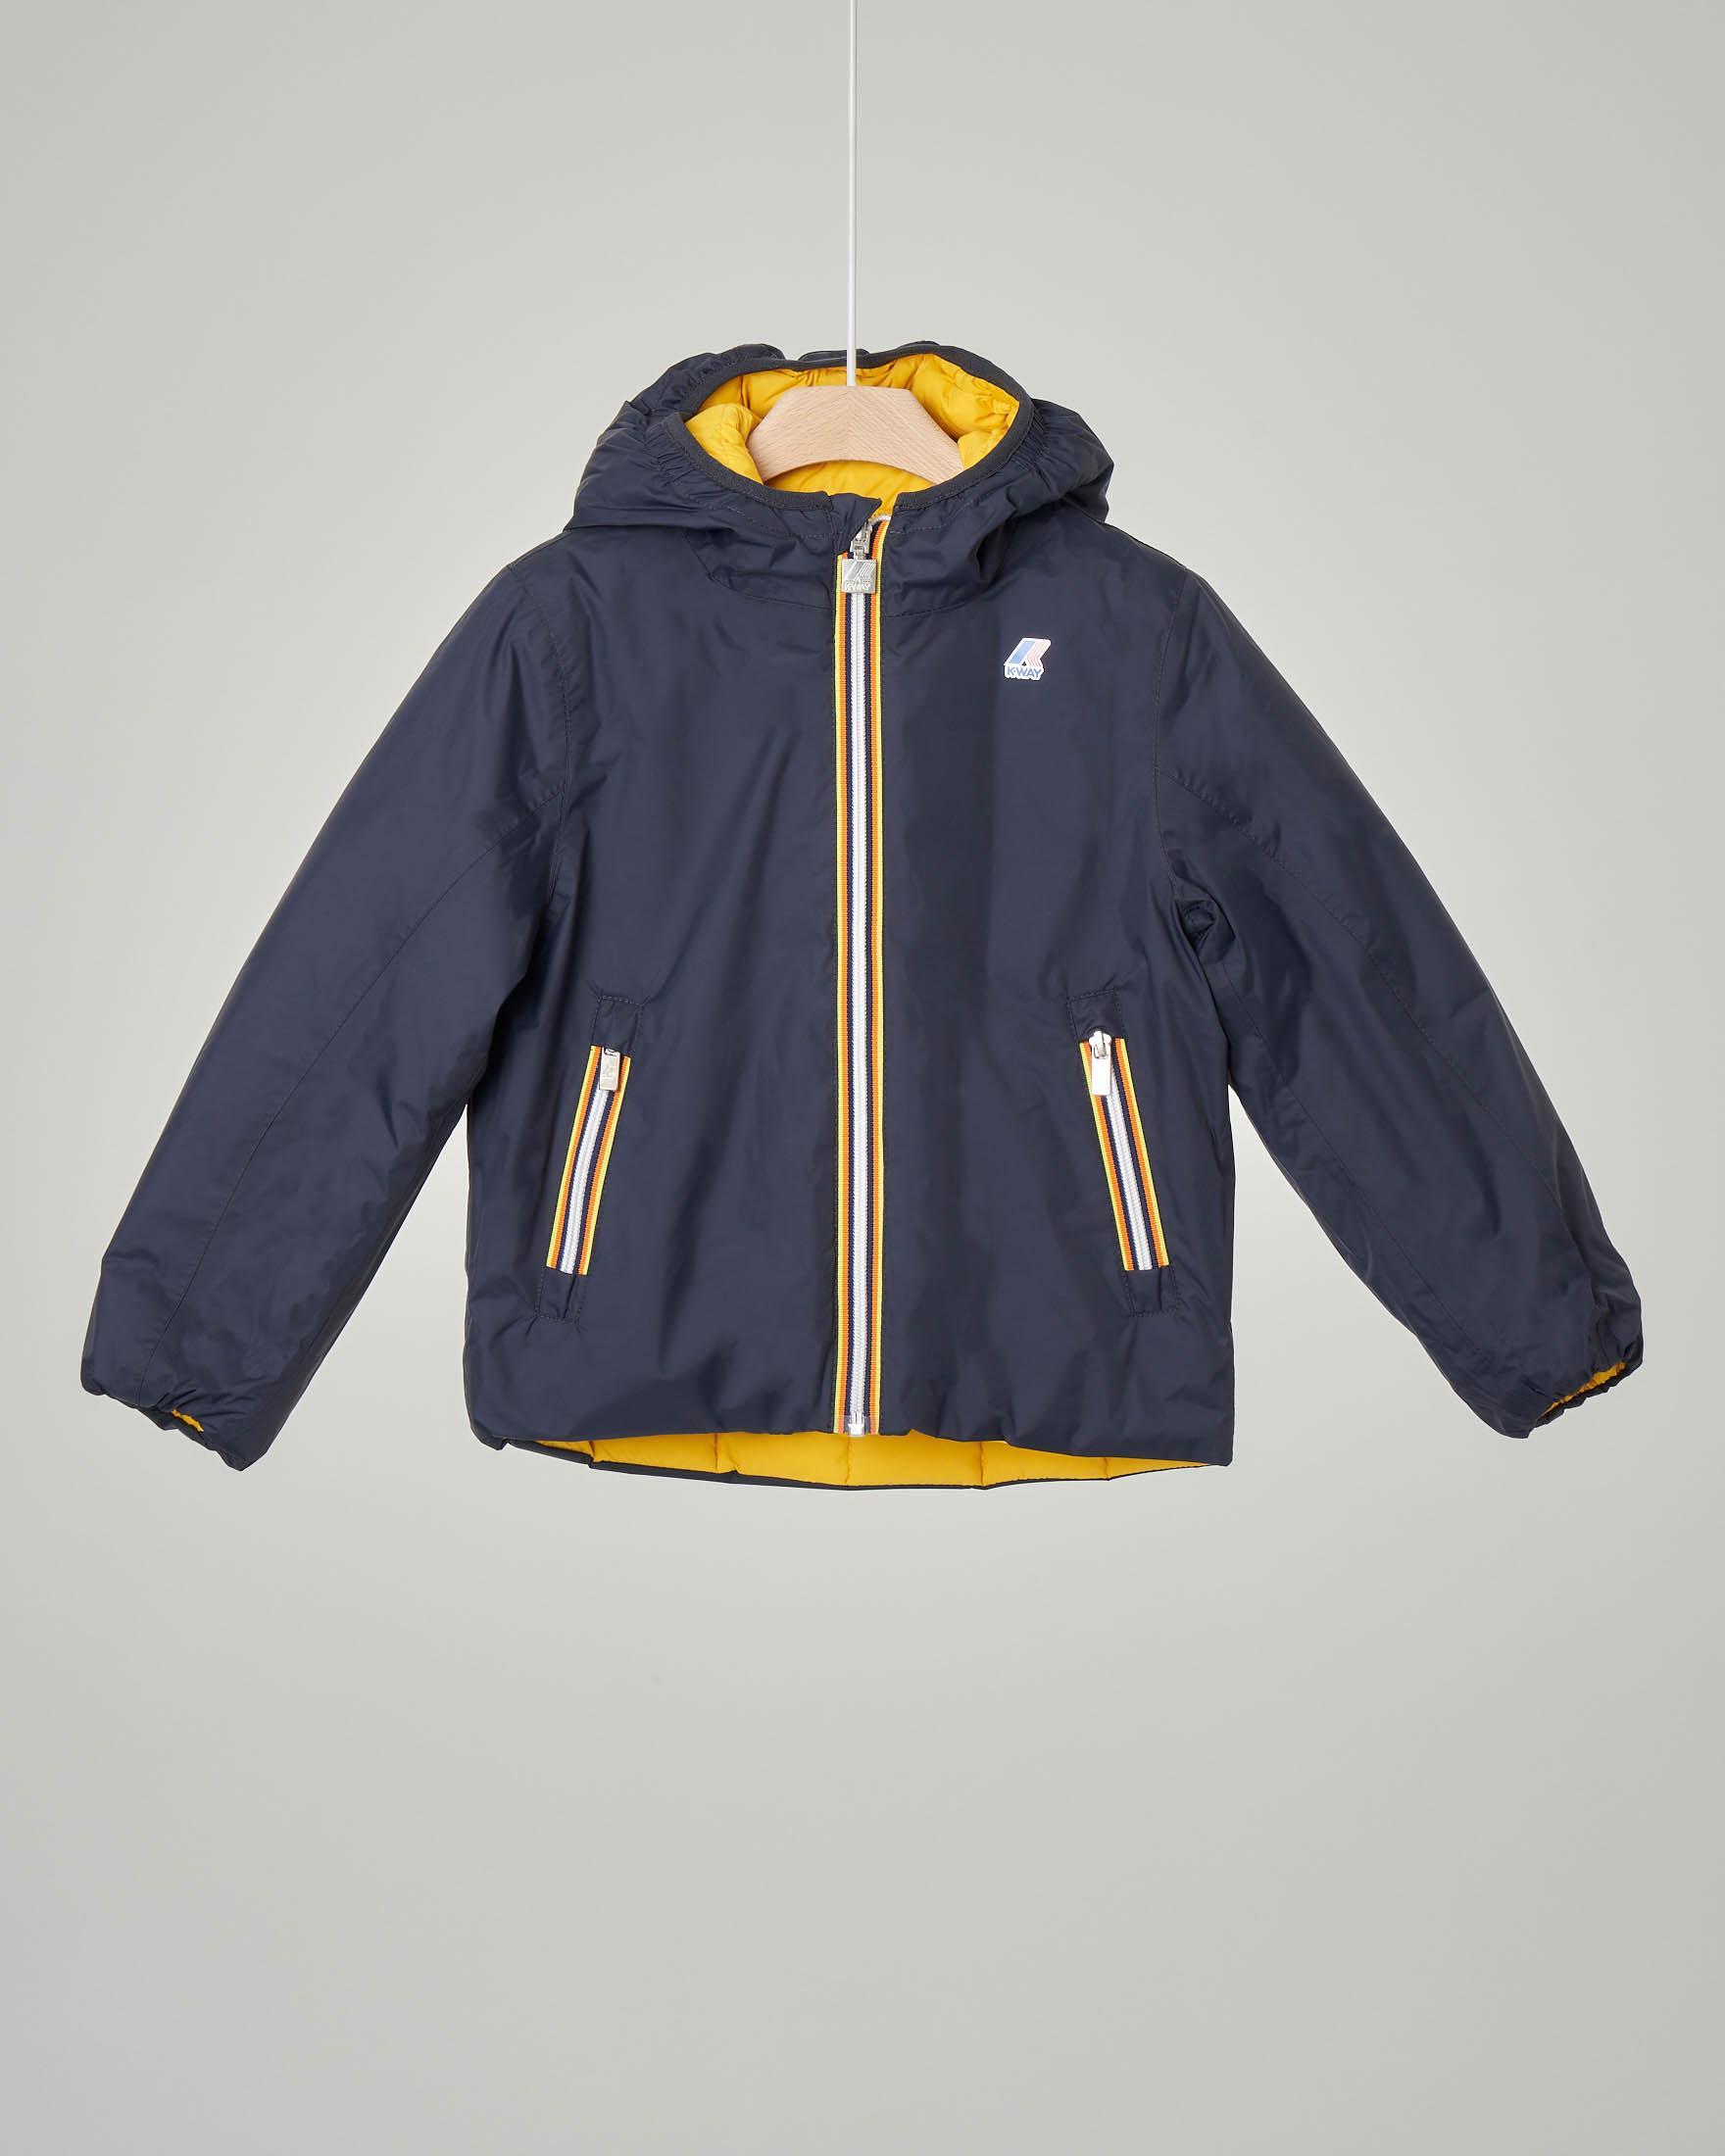 Giacca blu con cappuccio reversibile in piumino giallo 4-8 anni